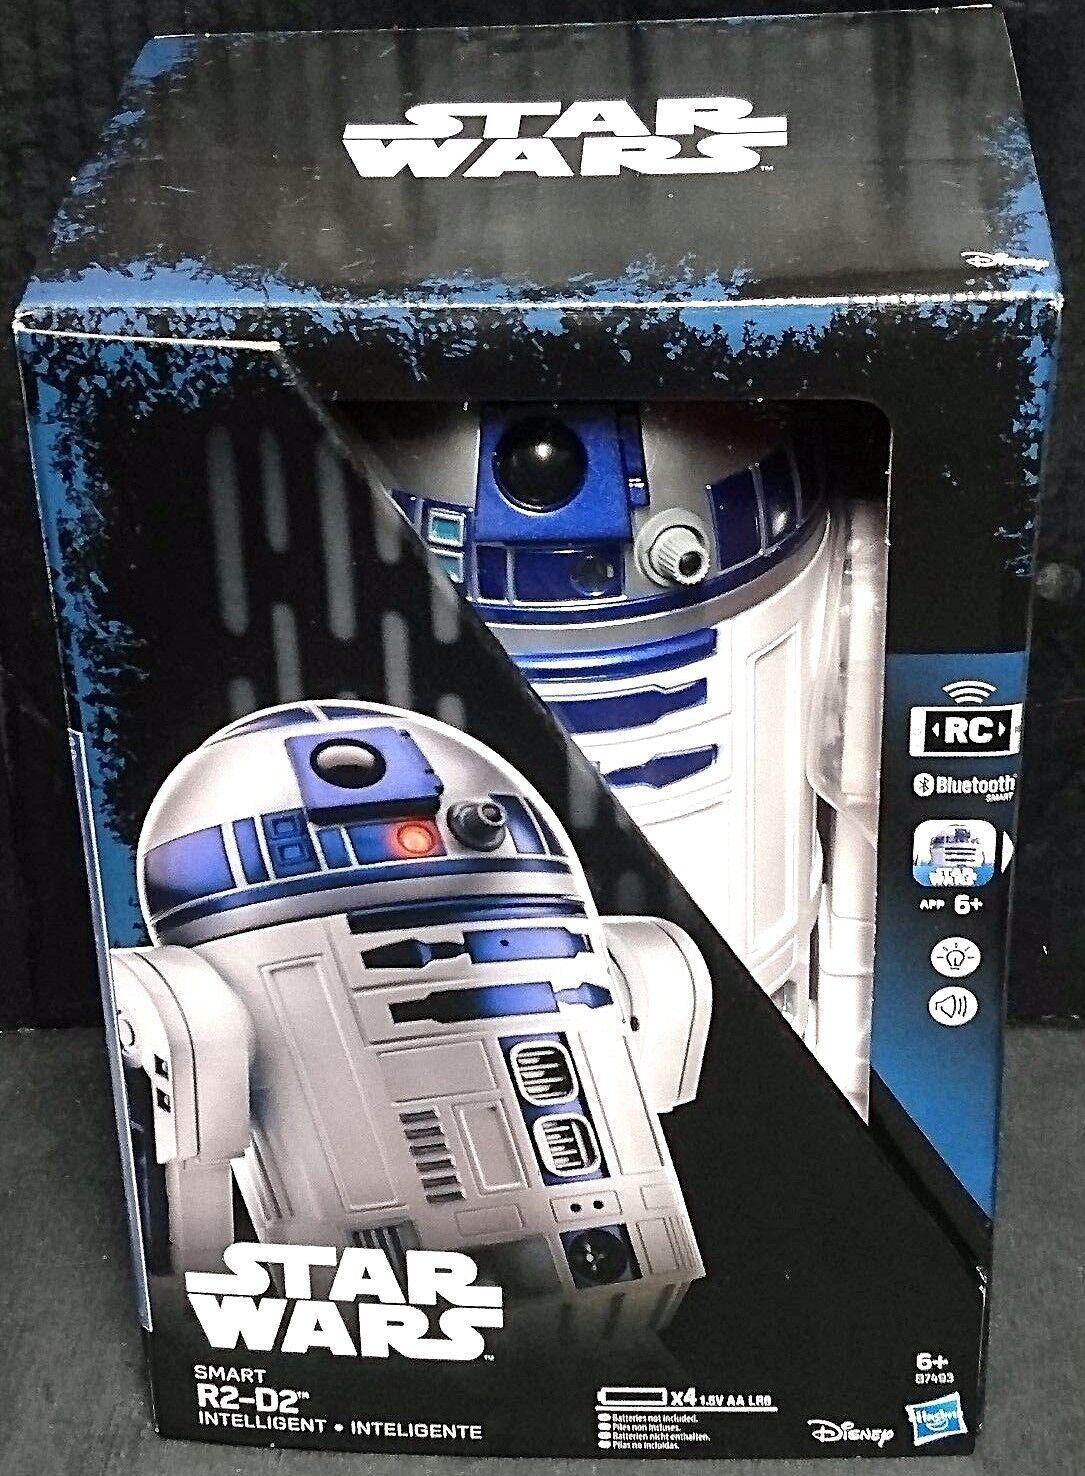 STAR Wars SMART R2-D2 NUOVO intelligente/Remoto Controllo dei droidi manualmente o tramite APP